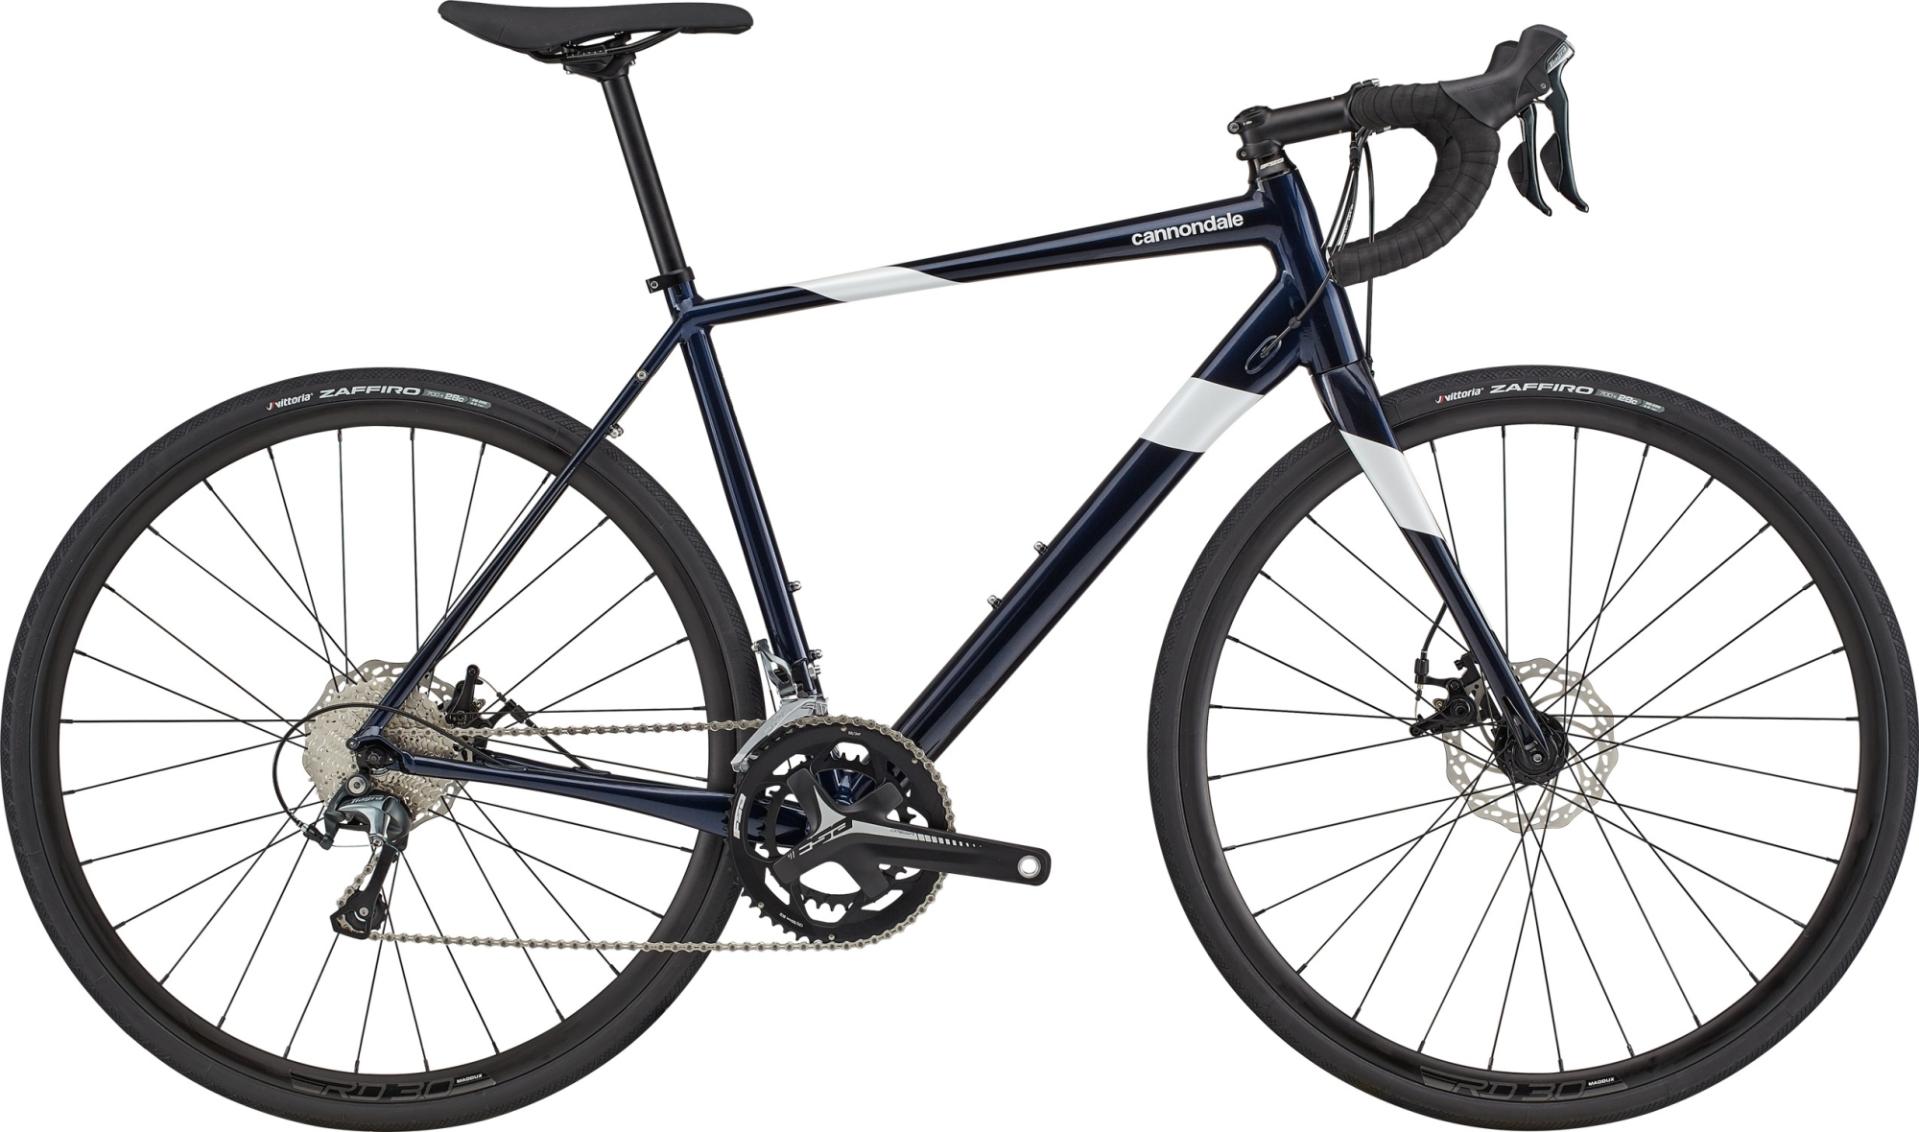 Cannondale Synapse Tiagra országúti kerékpár - sötétkék - 51 cm (2020)